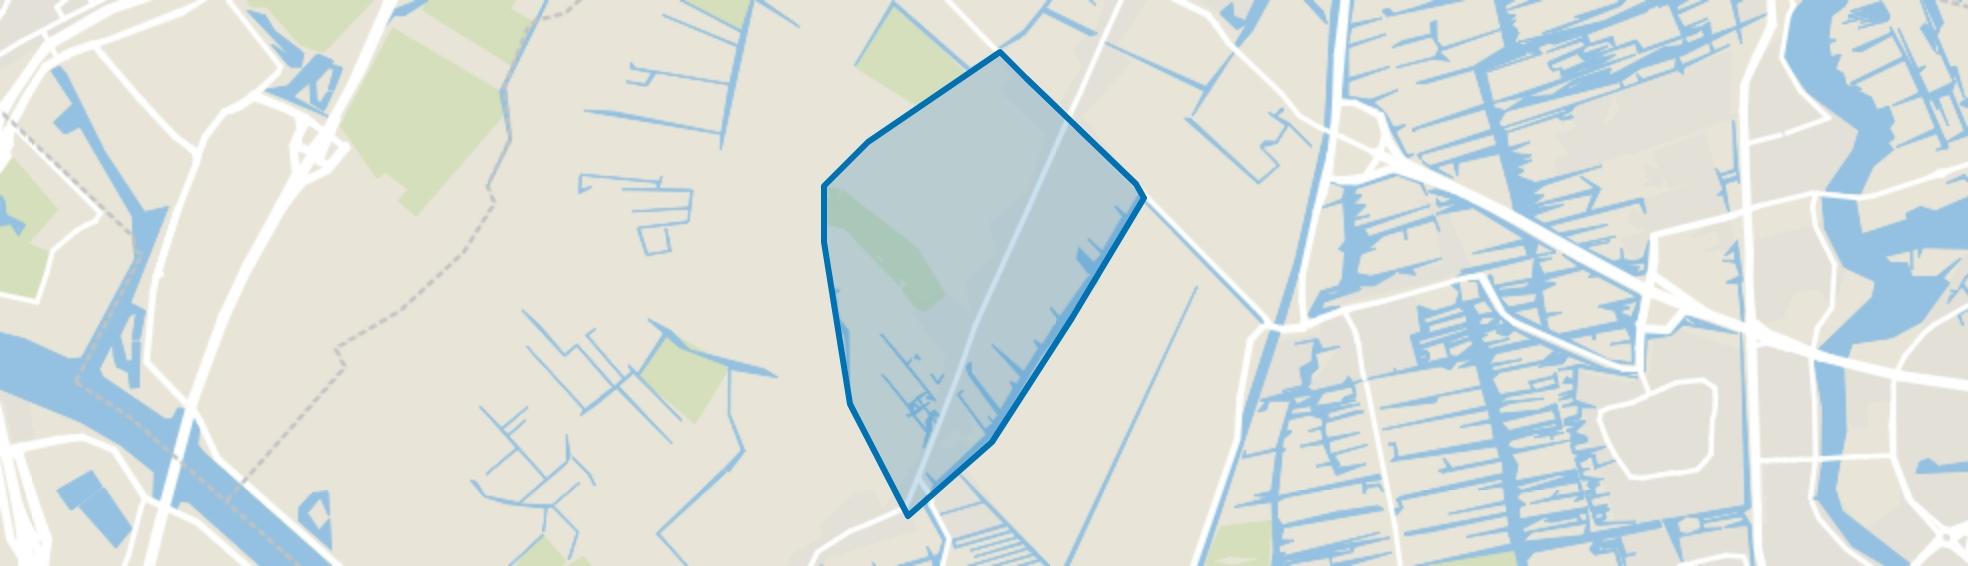 Centrum, Assendelft map